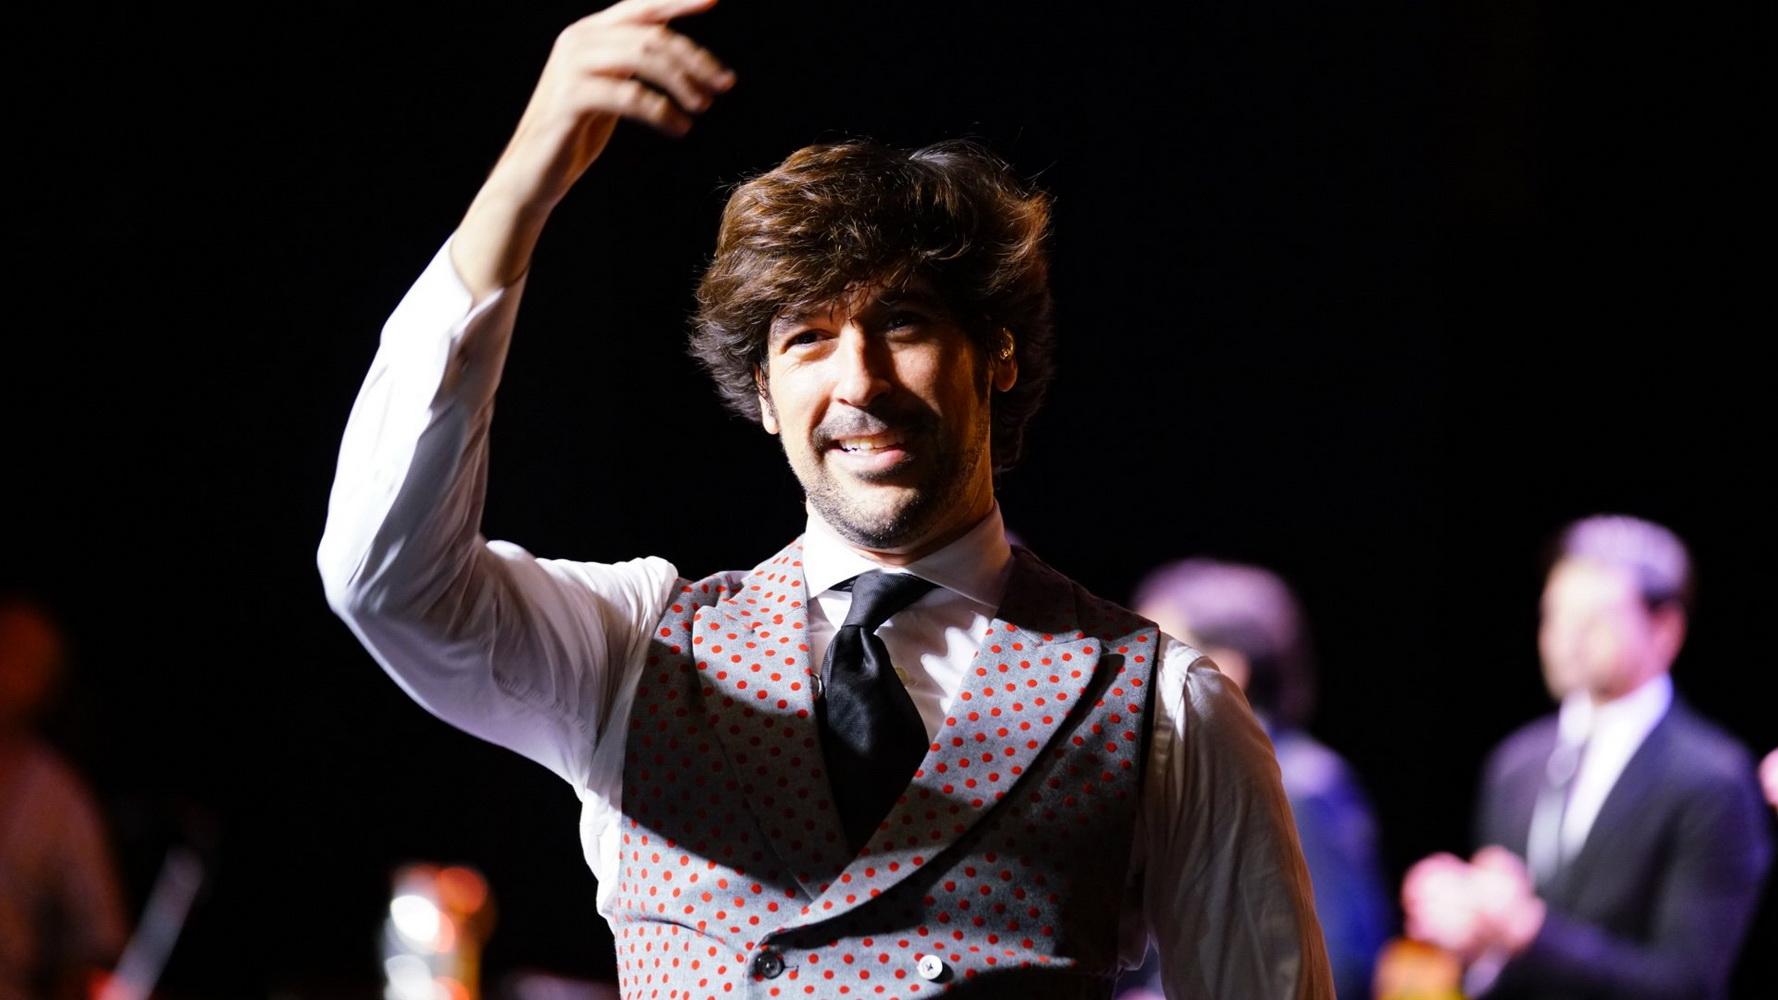 La cuarta edición de La Caña Flamenca llega a Almuñécar este sábado  con la actuación de Manuel Lombo.